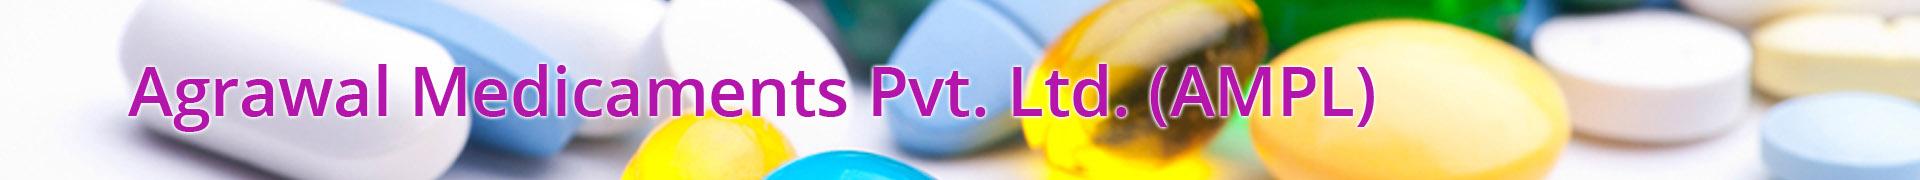 Agrawal Medicaments Pvt. Ltd